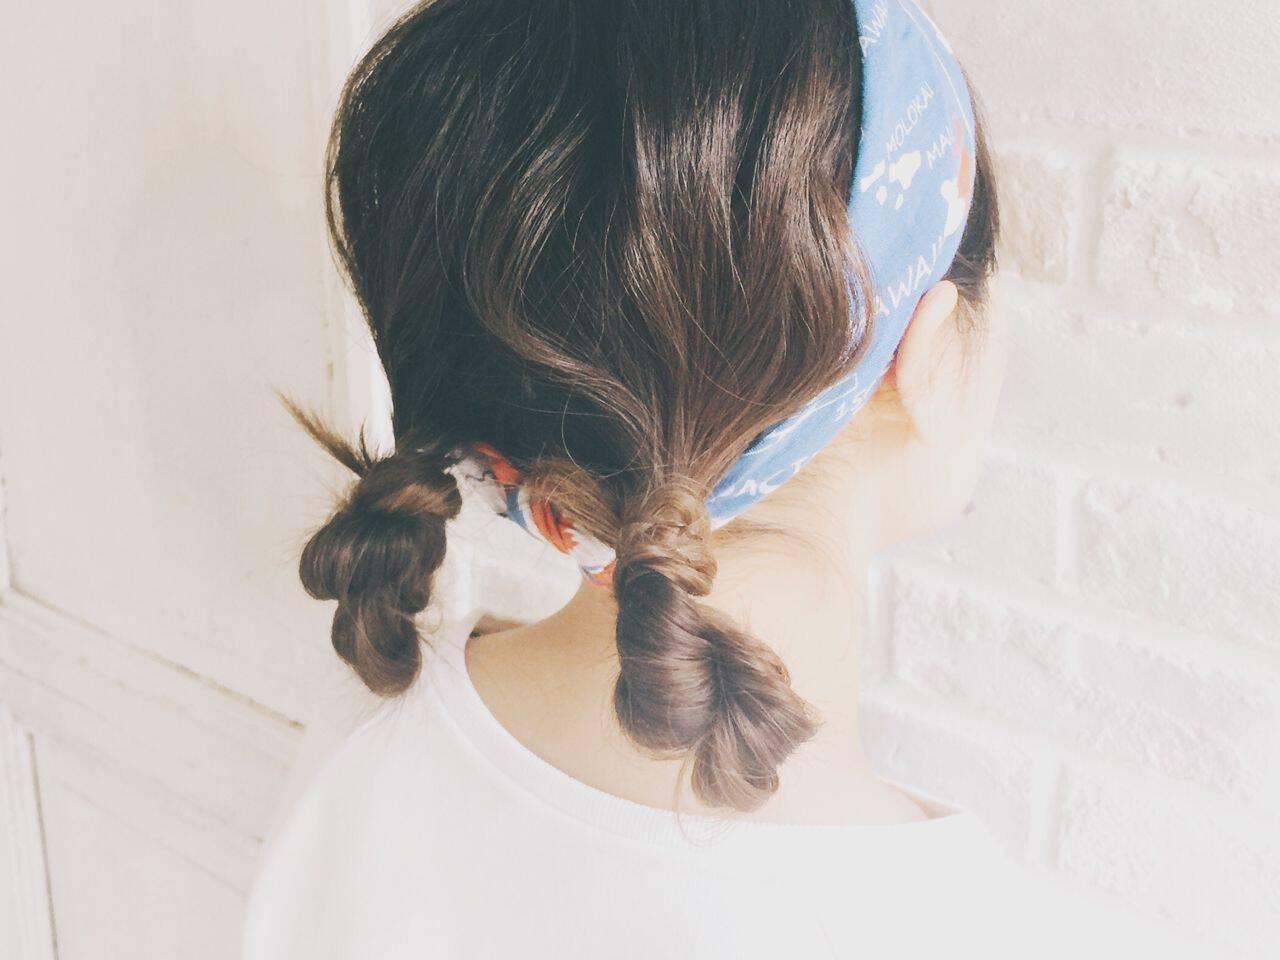 抜け感 ヘアアレンジ お団子 簡単ヘアアレンジヘアスタイルや髪型の写真・画像